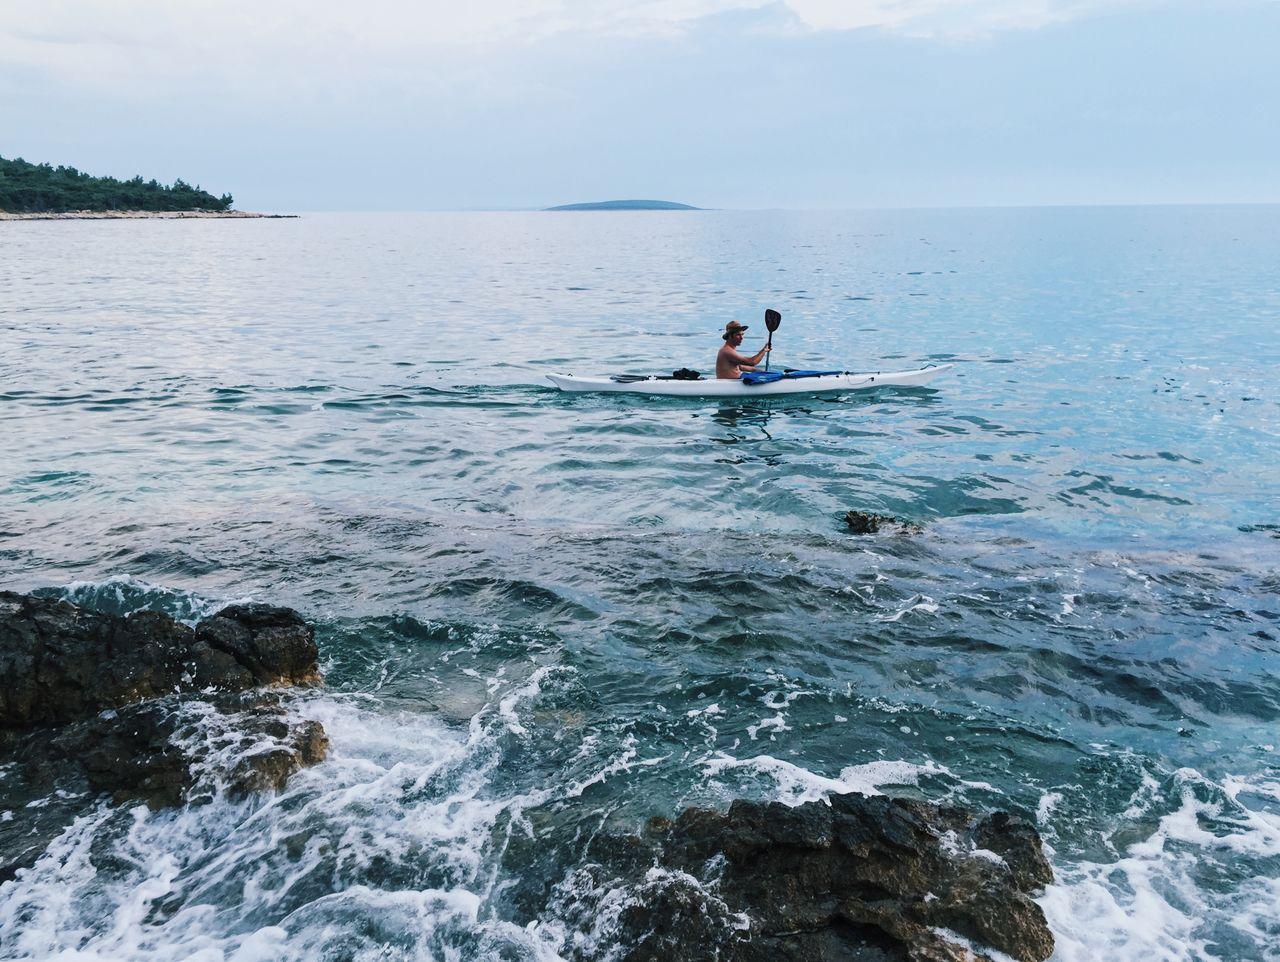 Man Paddling On Sea Against Sky